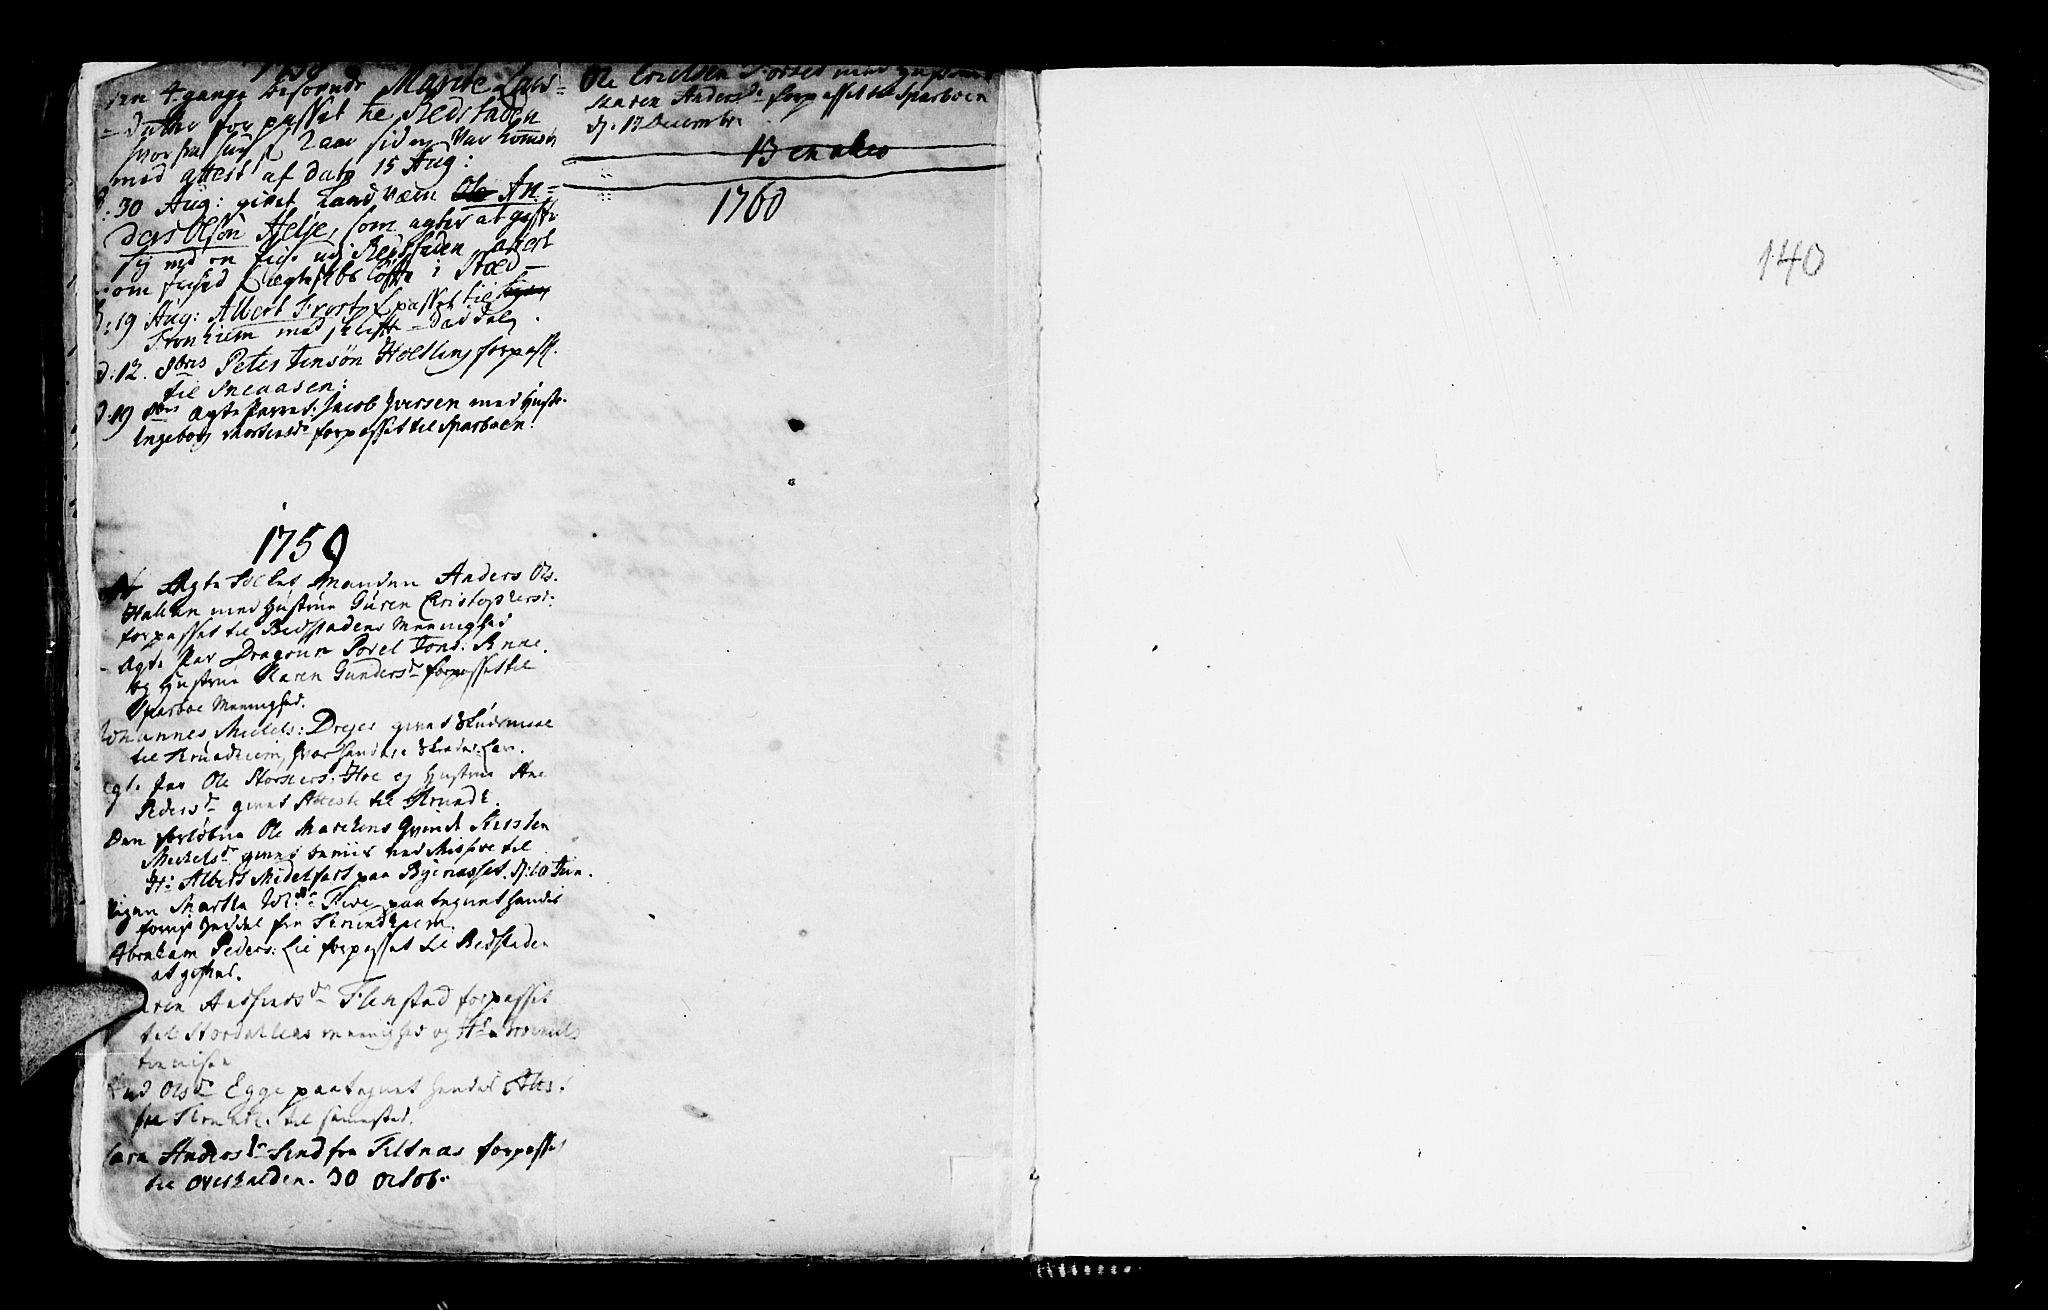 SAT, Ministerialprotokoller, klokkerbøker og fødselsregistre - Nord-Trøndelag, 746/L0439: Ministerialbok nr. 746A01, 1688-1759, s. 140